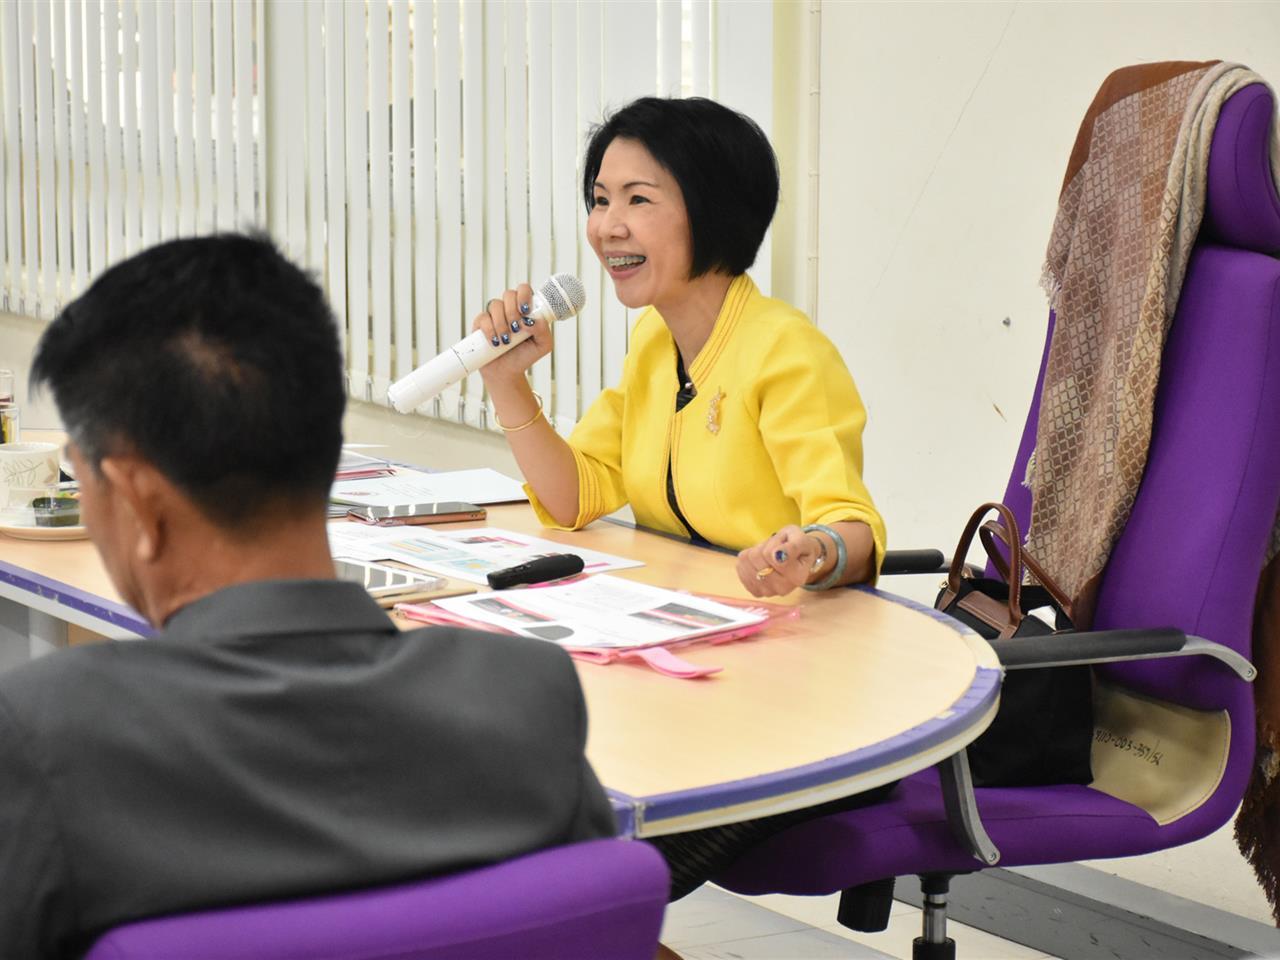 โครงการฝึกประสบการณ์วิชาชีพครูในสถานศึกษา  กิจกรรมสัมมนาอาจารย์นิเทศก์ ครั้งที่ 2 ภาคการศึกษาปลาย ปีการศึกษา 2562